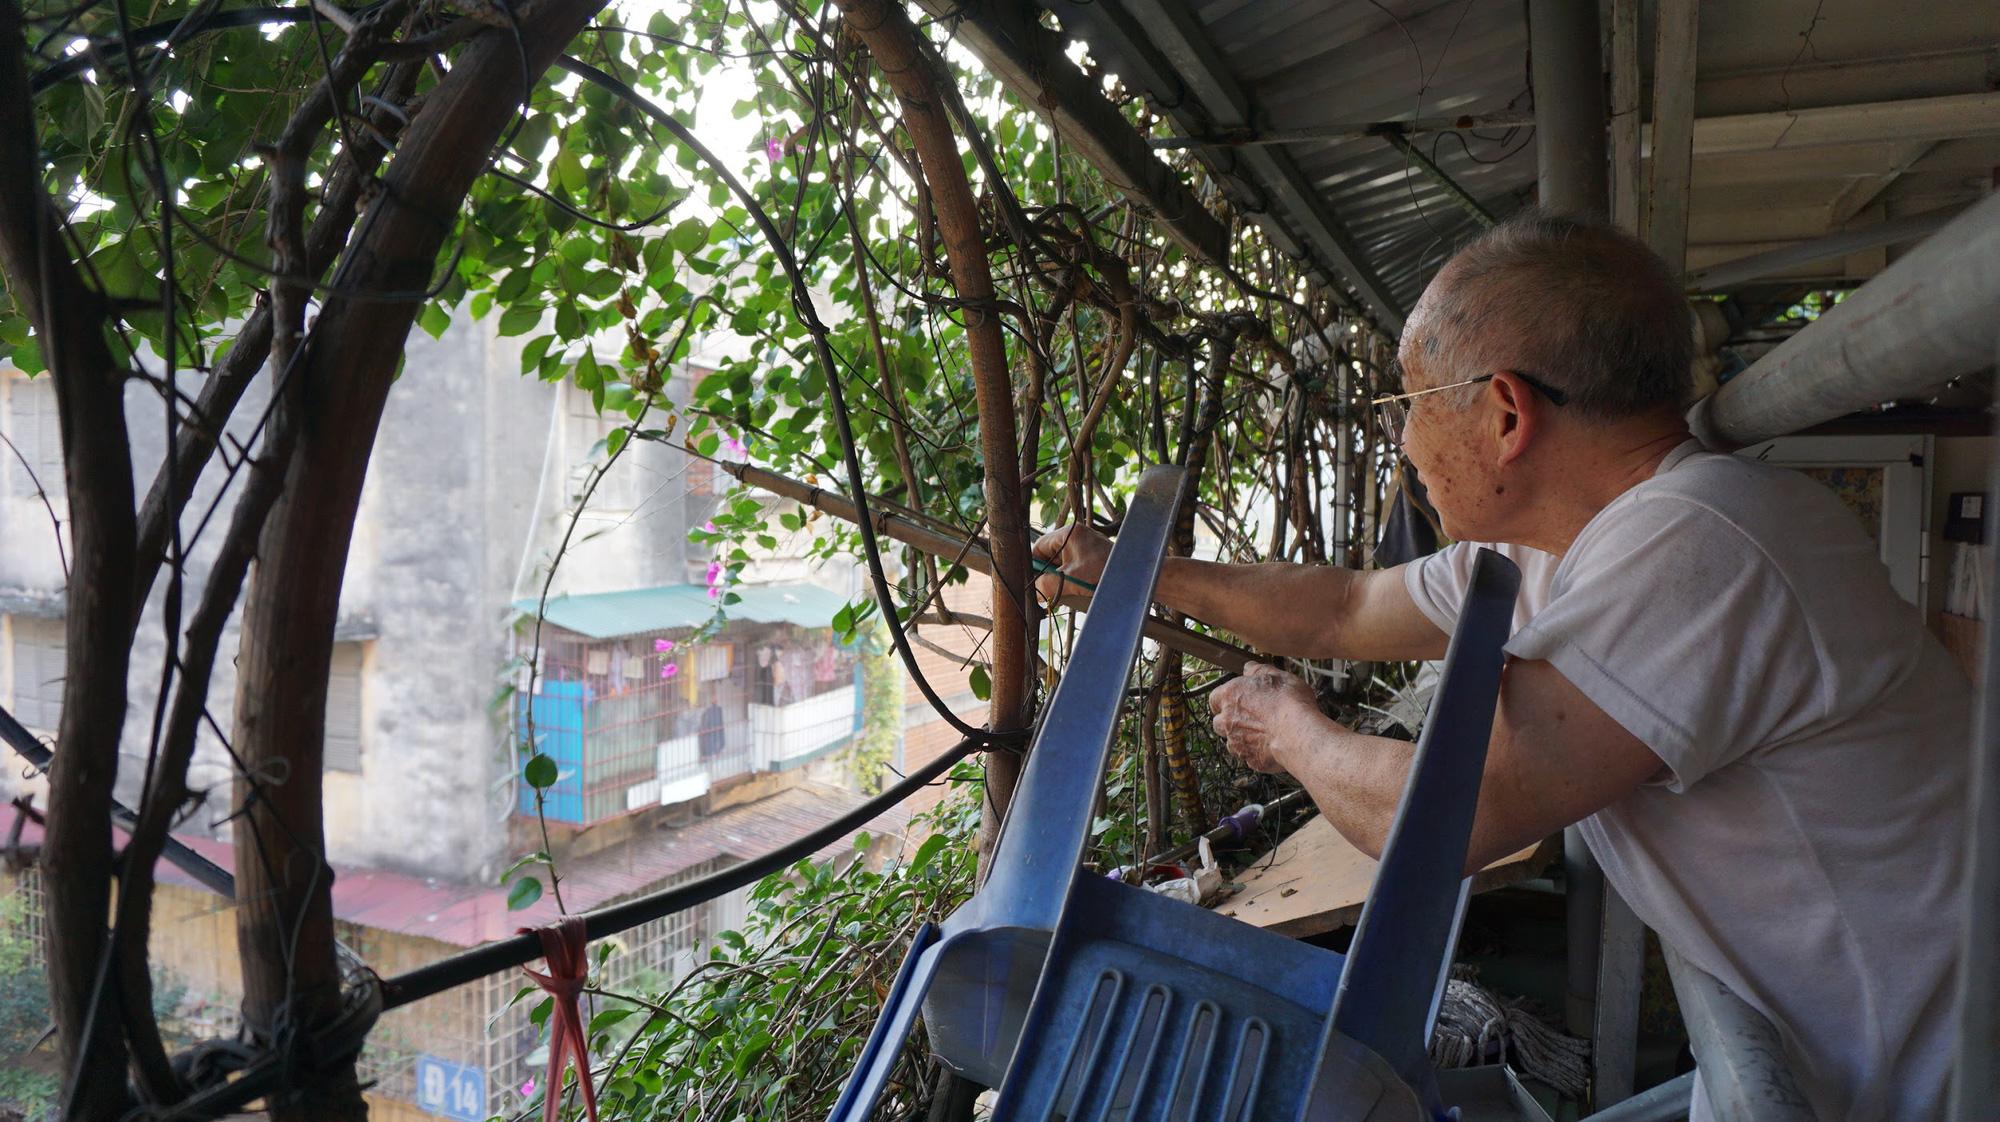 Nhà cây 5 tầng phủ kín hoa giấy ở Hà Nội, ai đi qua cũng dừng lại ngắm - Ảnh 11.